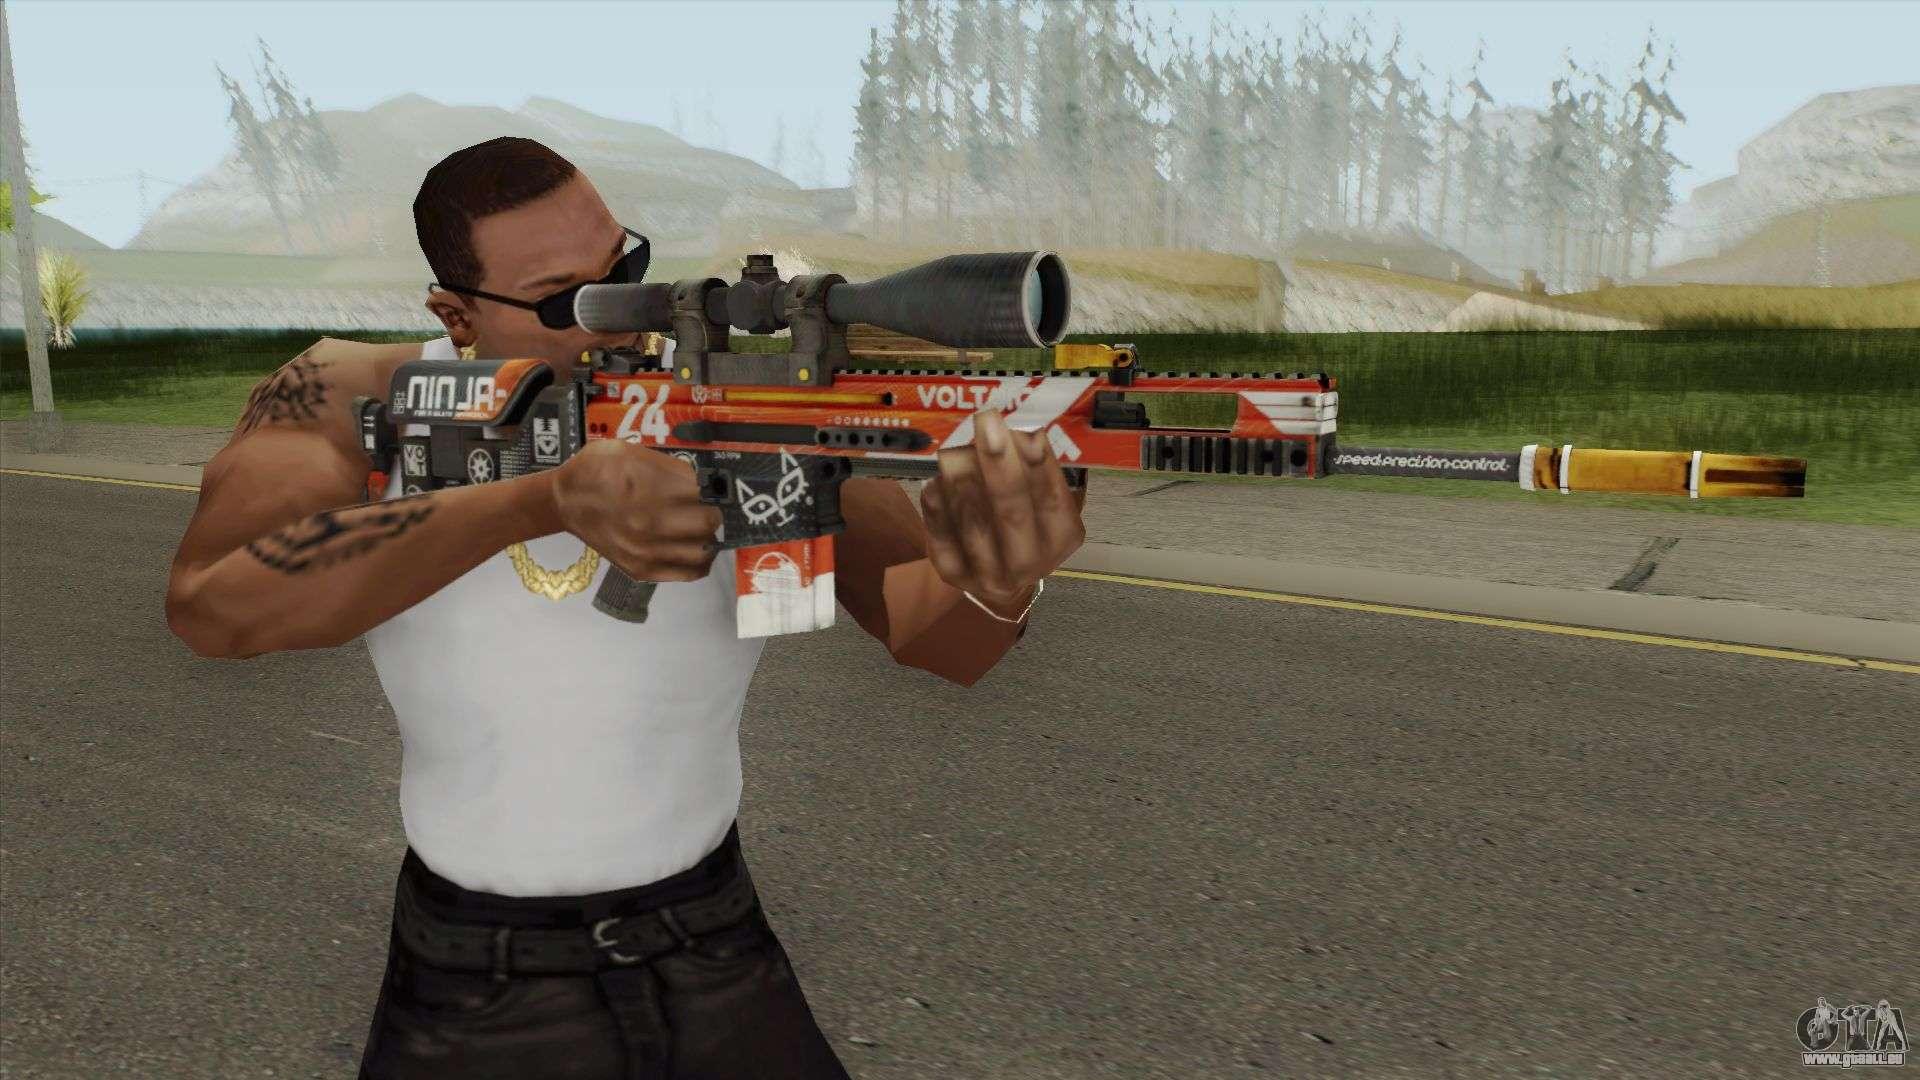 Cs Go Waffen Preise